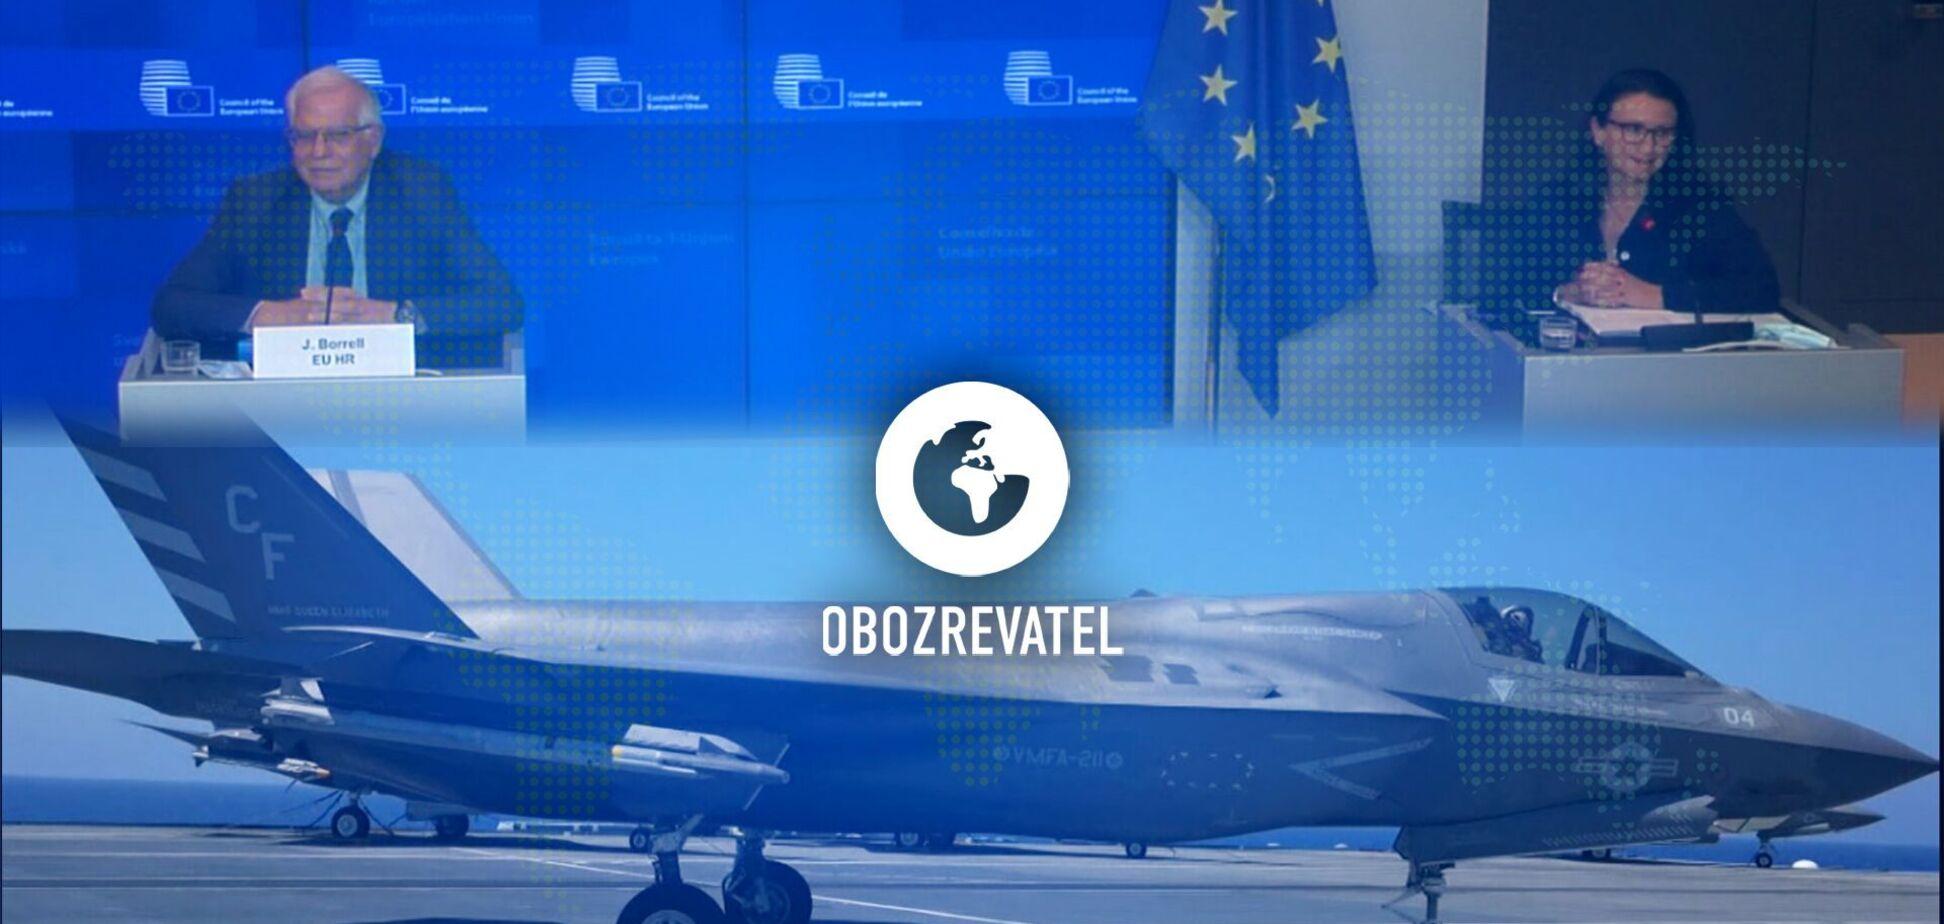 ЕС ввел санкции против Мьянмы, а военные самолеты США впервые со времен Второй мировой совершили боевой вылет из иностранного авианосца – дайджест международных событий